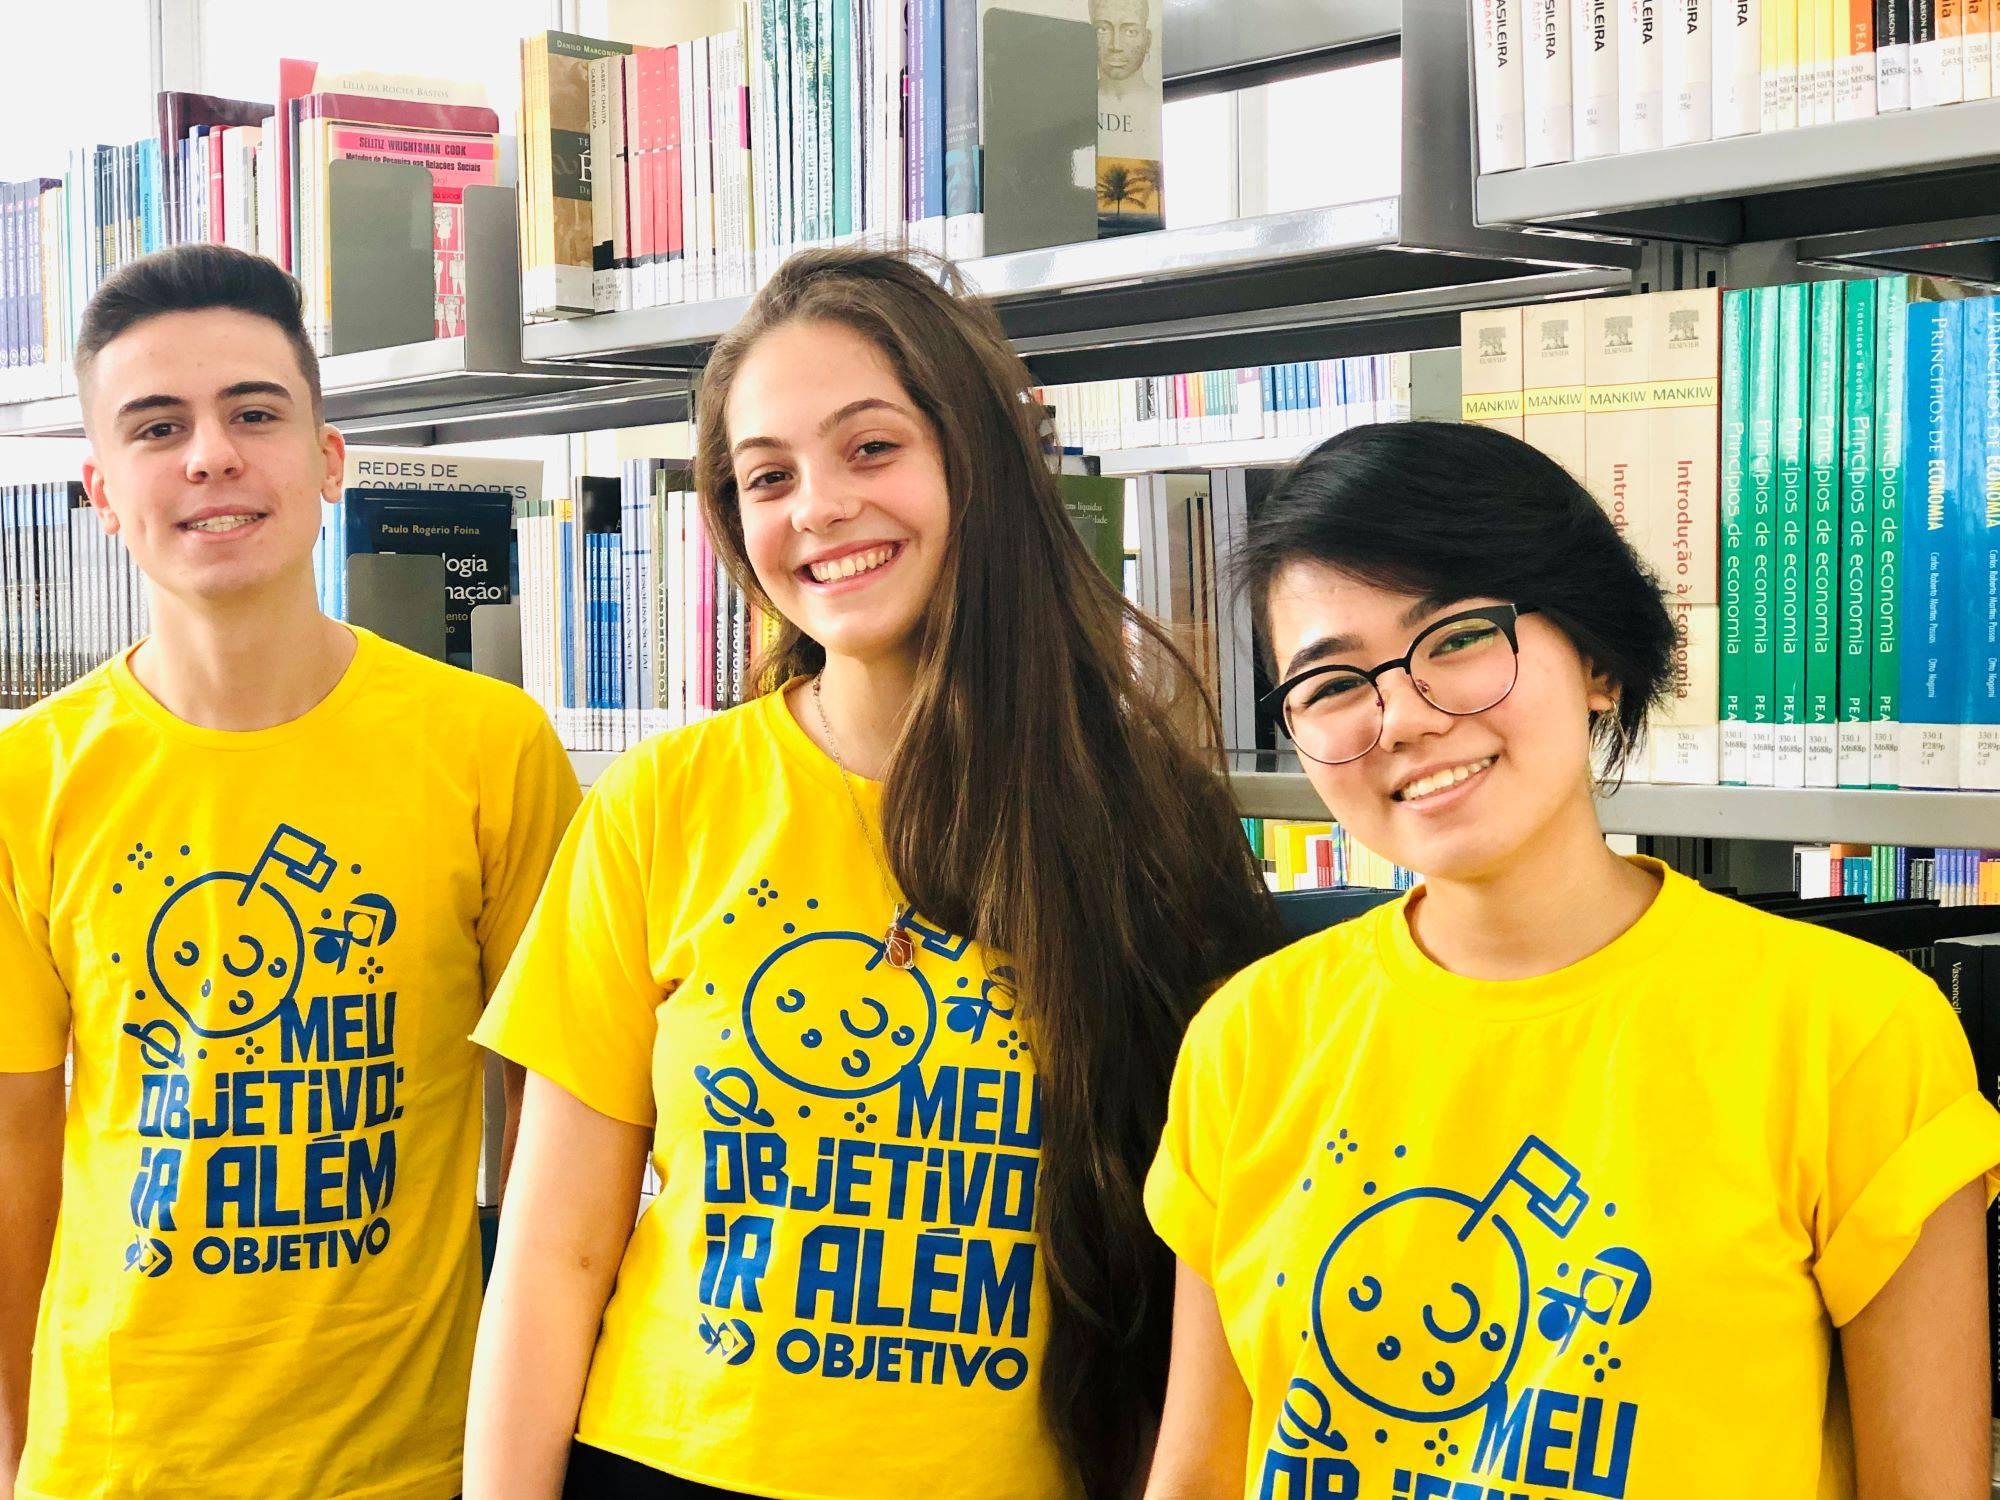 www.juicysantos.com.br - ruben, agatha e gabriela contam histórias de sucesso no vestibular